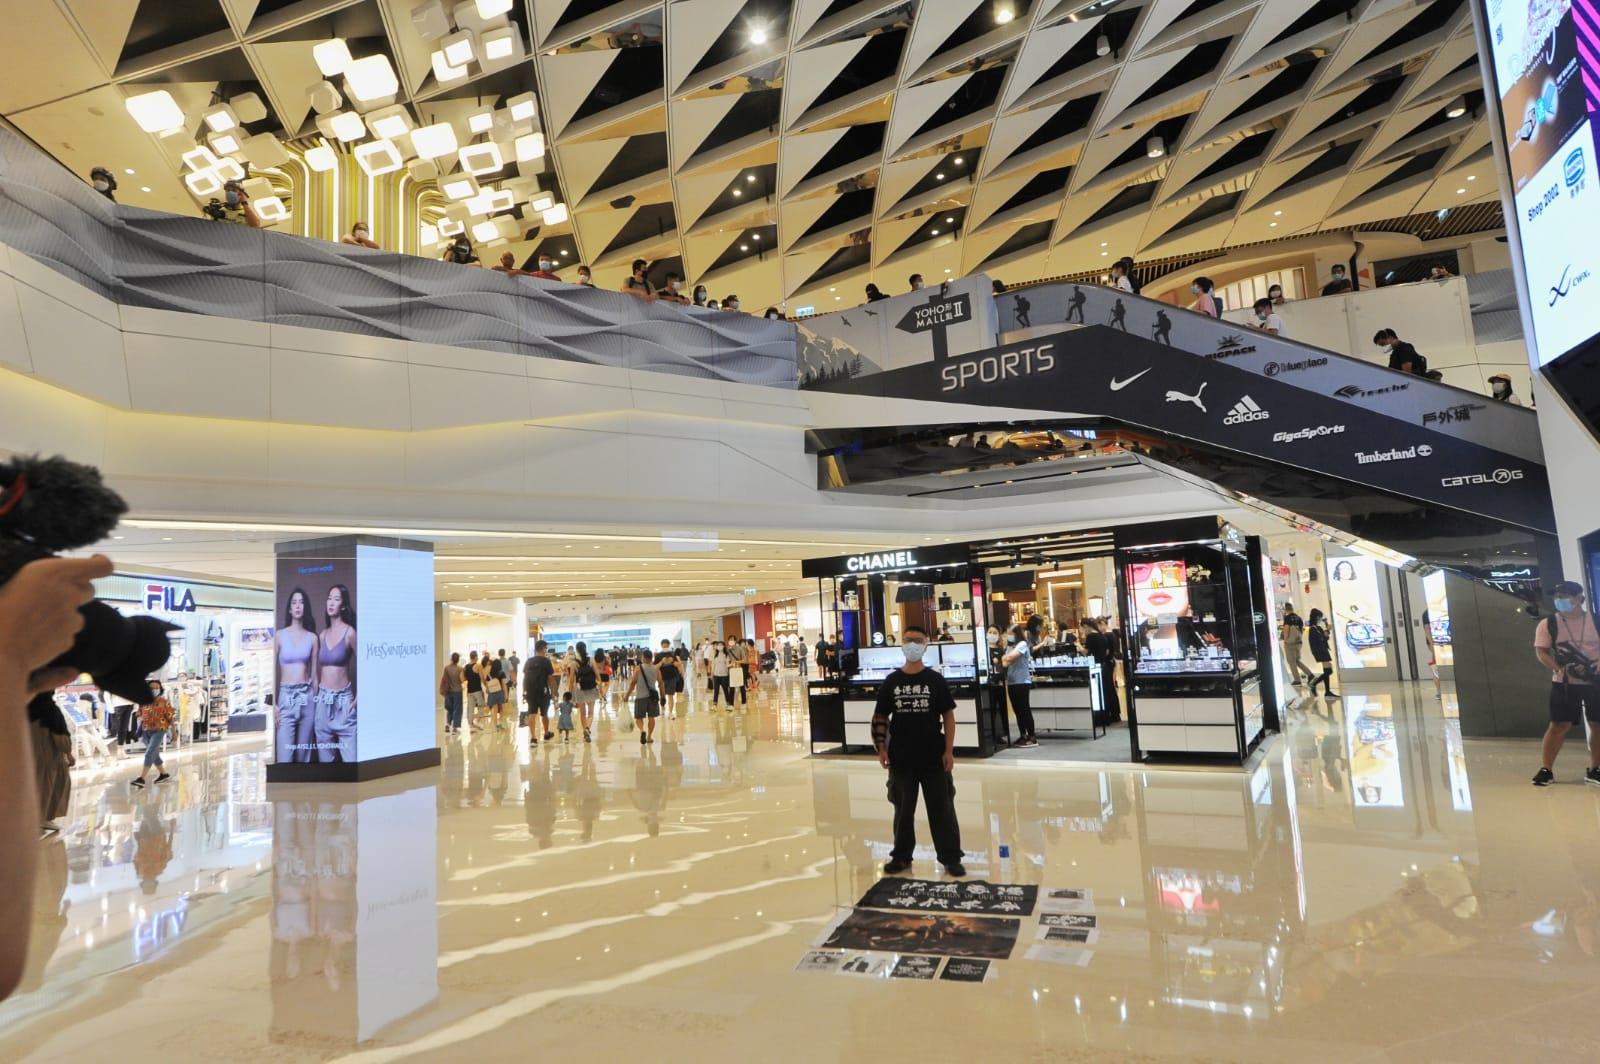 今日(6月25日)端午節,每年的今日香港都會有賽龍舟的活動。不過今年的端午節卻非同一般,由於武漢肺炎疫情影響,賽龍舟的活動被迫取消,但是不少市民卻選擇前往商場,在逛商場的同時,舉行「和你Shop」的反送中及反「國安法」的反抗極權的活動,「衛護我城」。(宋碧龍 / 大紀元)